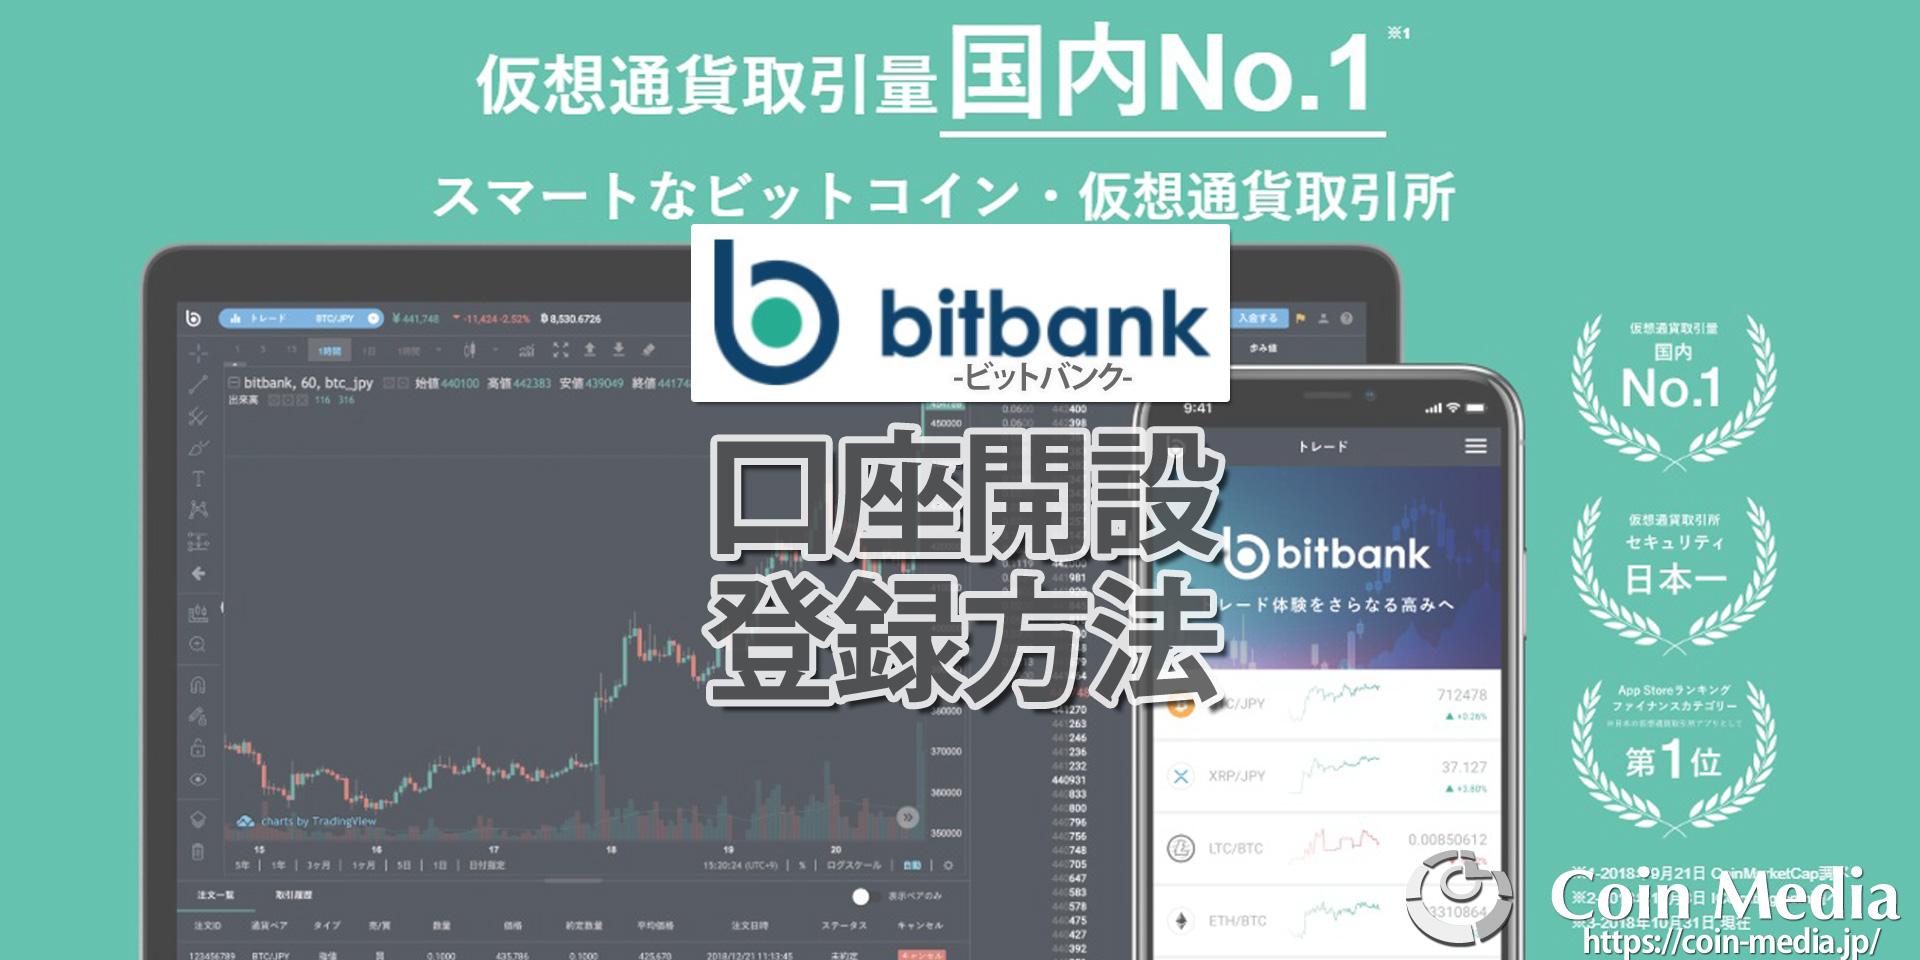 bitbank(ビットバンク)の口座開設、登録、本人確認、二段階認証